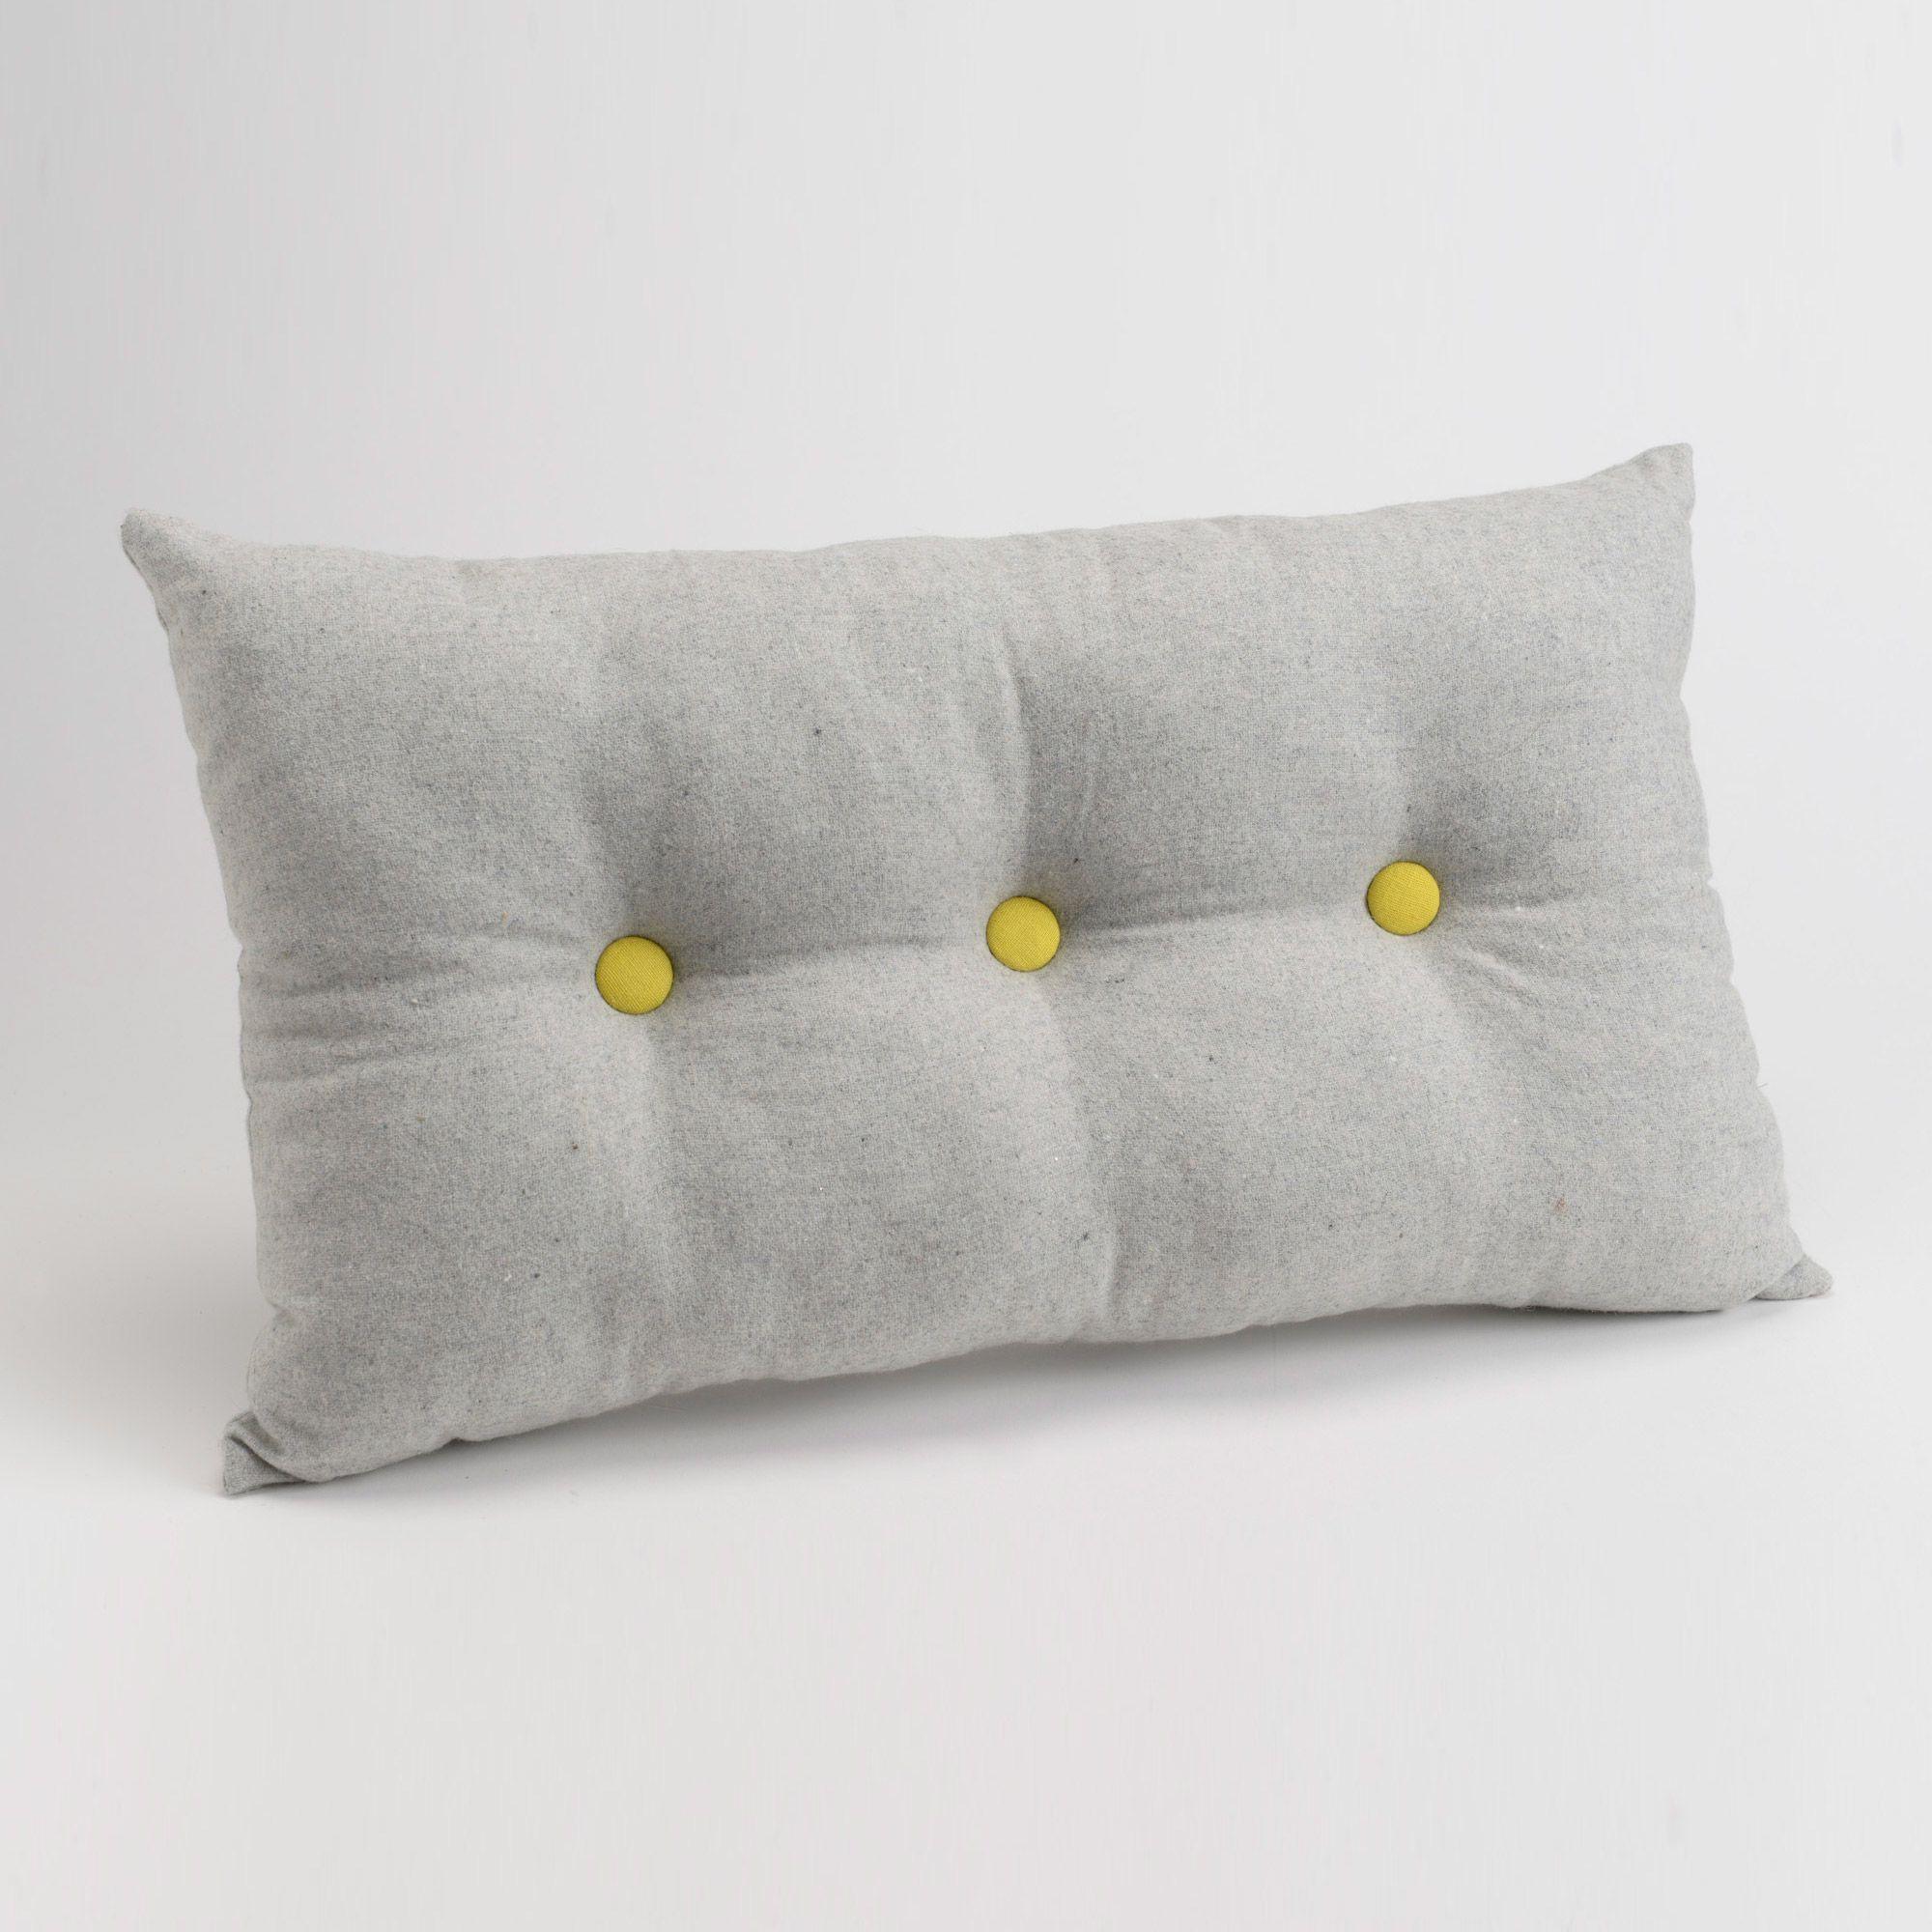 coussin 100 coton boutons capiton s contrast s 30x50cm leo amadeus coussins pinterest. Black Bedroom Furniture Sets. Home Design Ideas